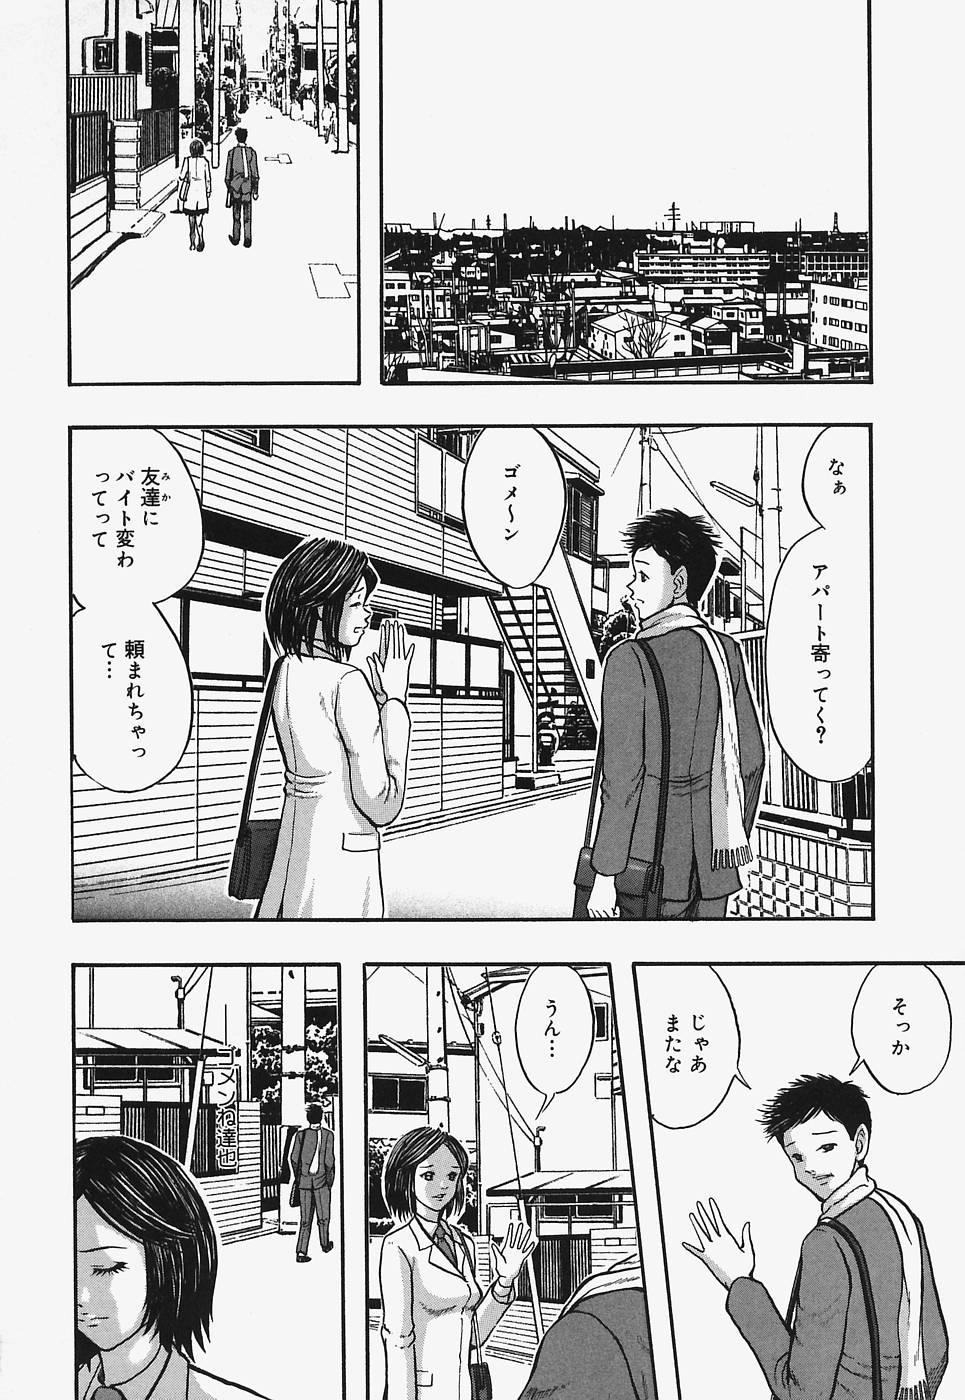 Nurunuru Syoujyo Jiru 27